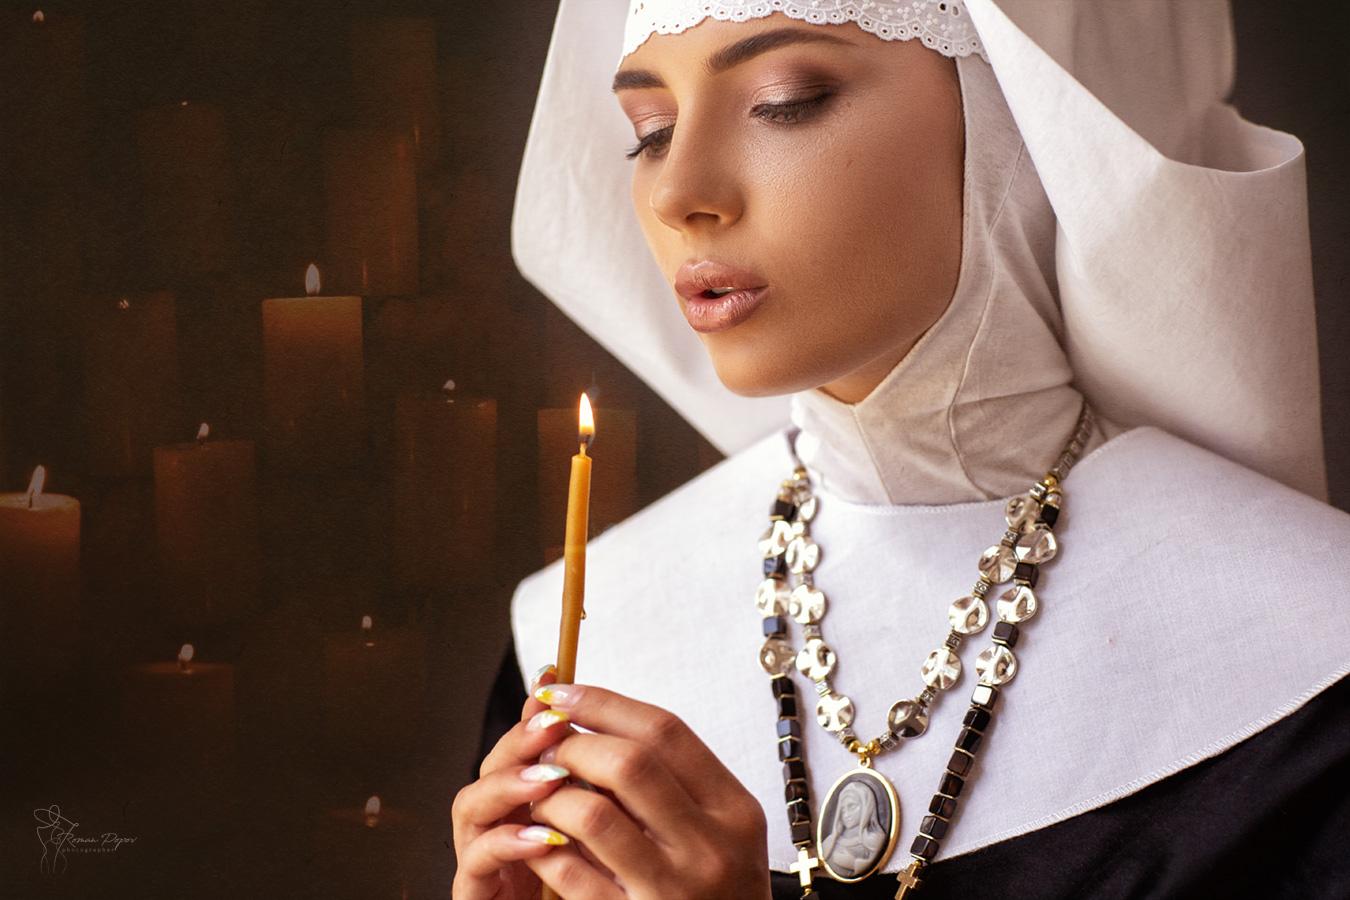 крючок основания фотографии монахинь к песне монахиня моя больше человек молится